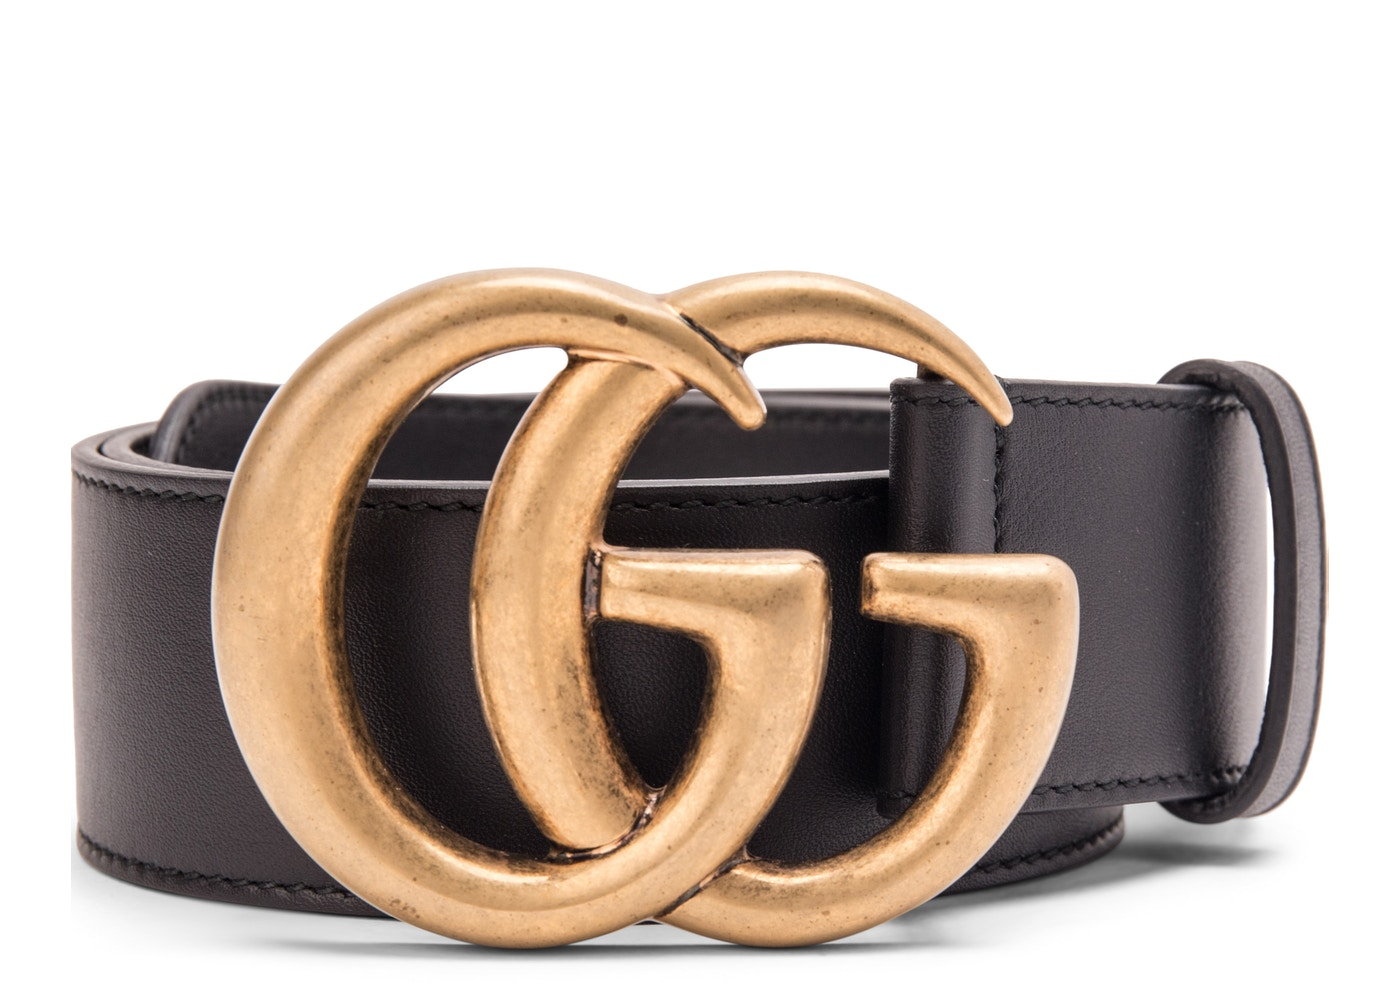 90c166547c5 Gucci Double G Buckle Leather Belt 1.5 Width 70-28 Black. 70-28 Black